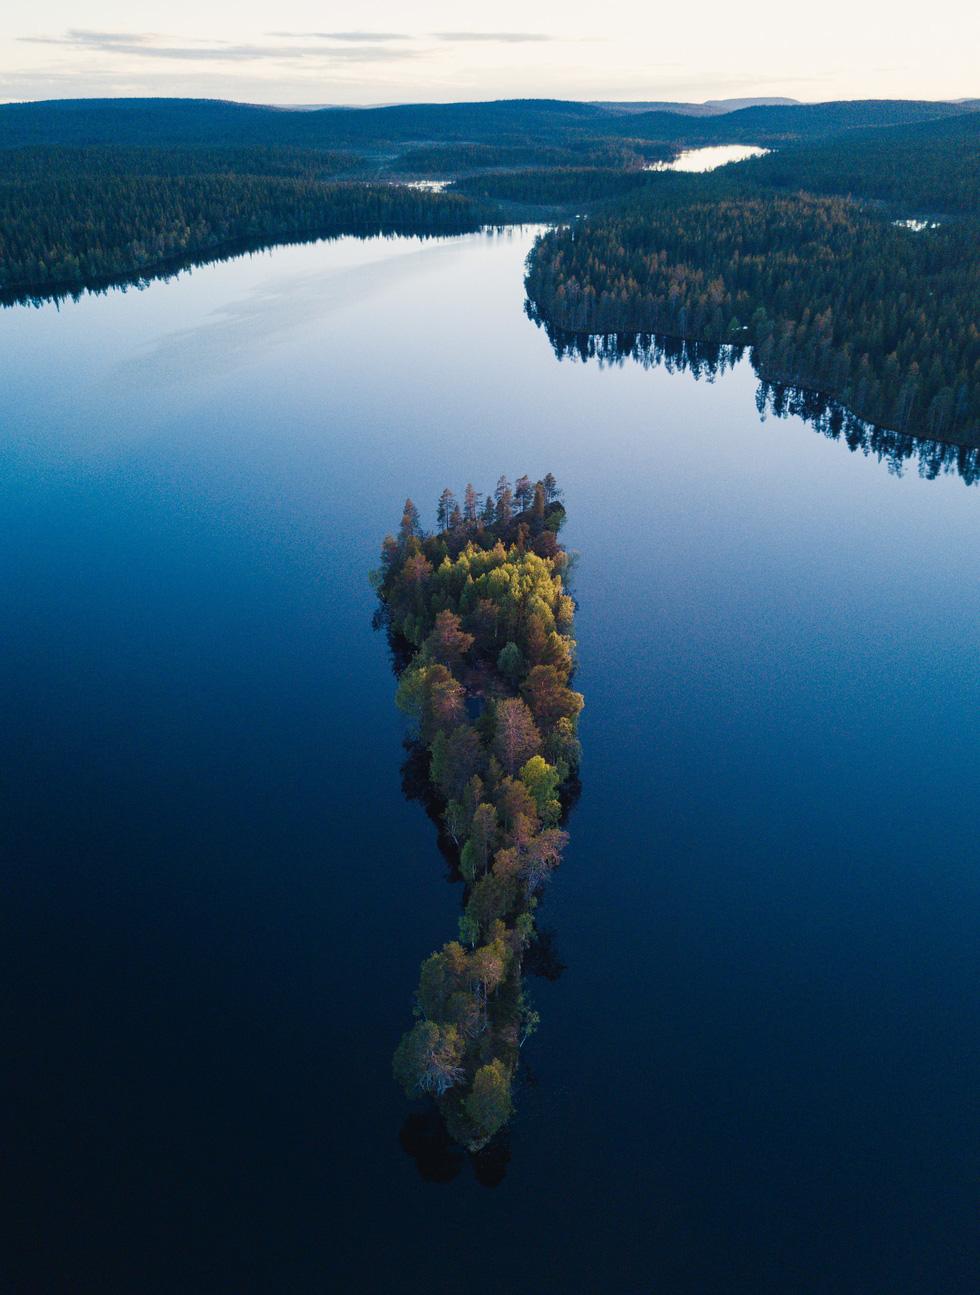 Đảo 'bốn mùa' Phần Lan đẹp mê hồn nhìn từ trên cao - Ảnh 8.